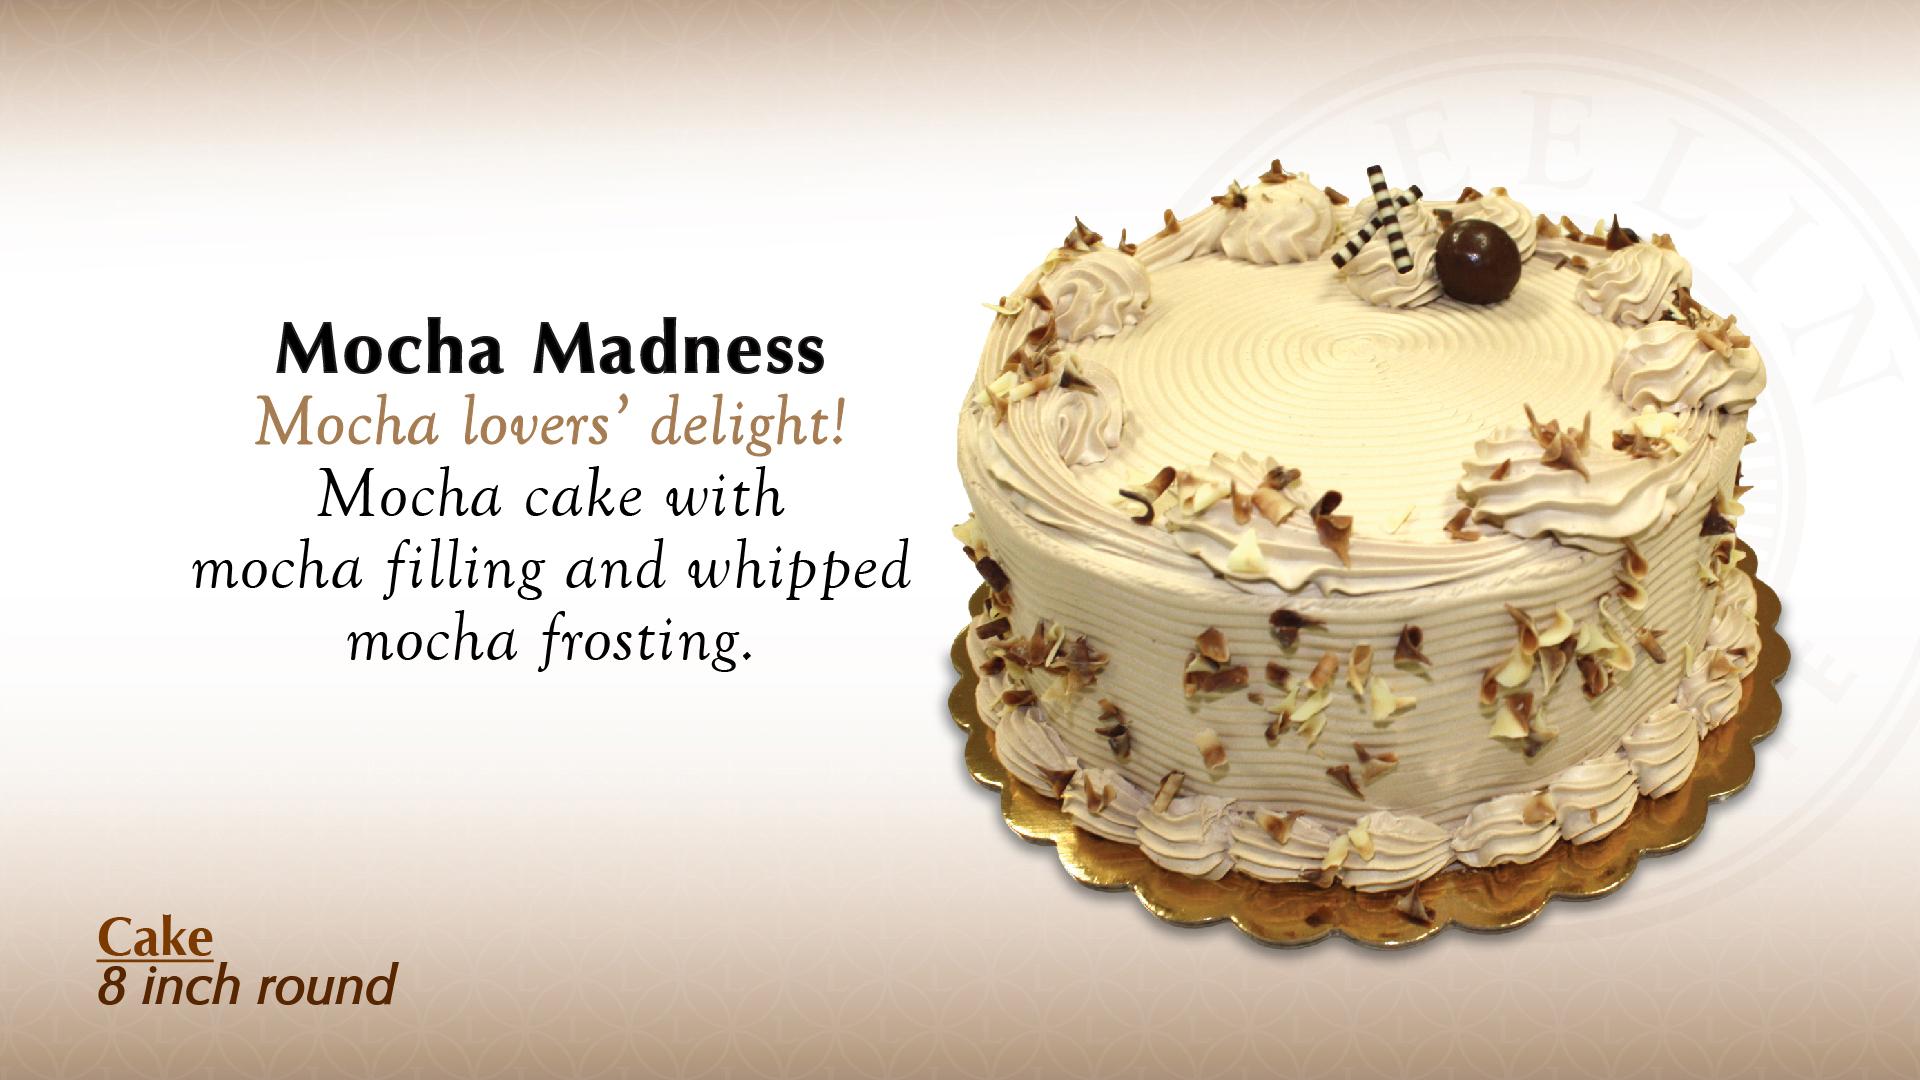 039 Mocha Madness 1920x1080.jpg